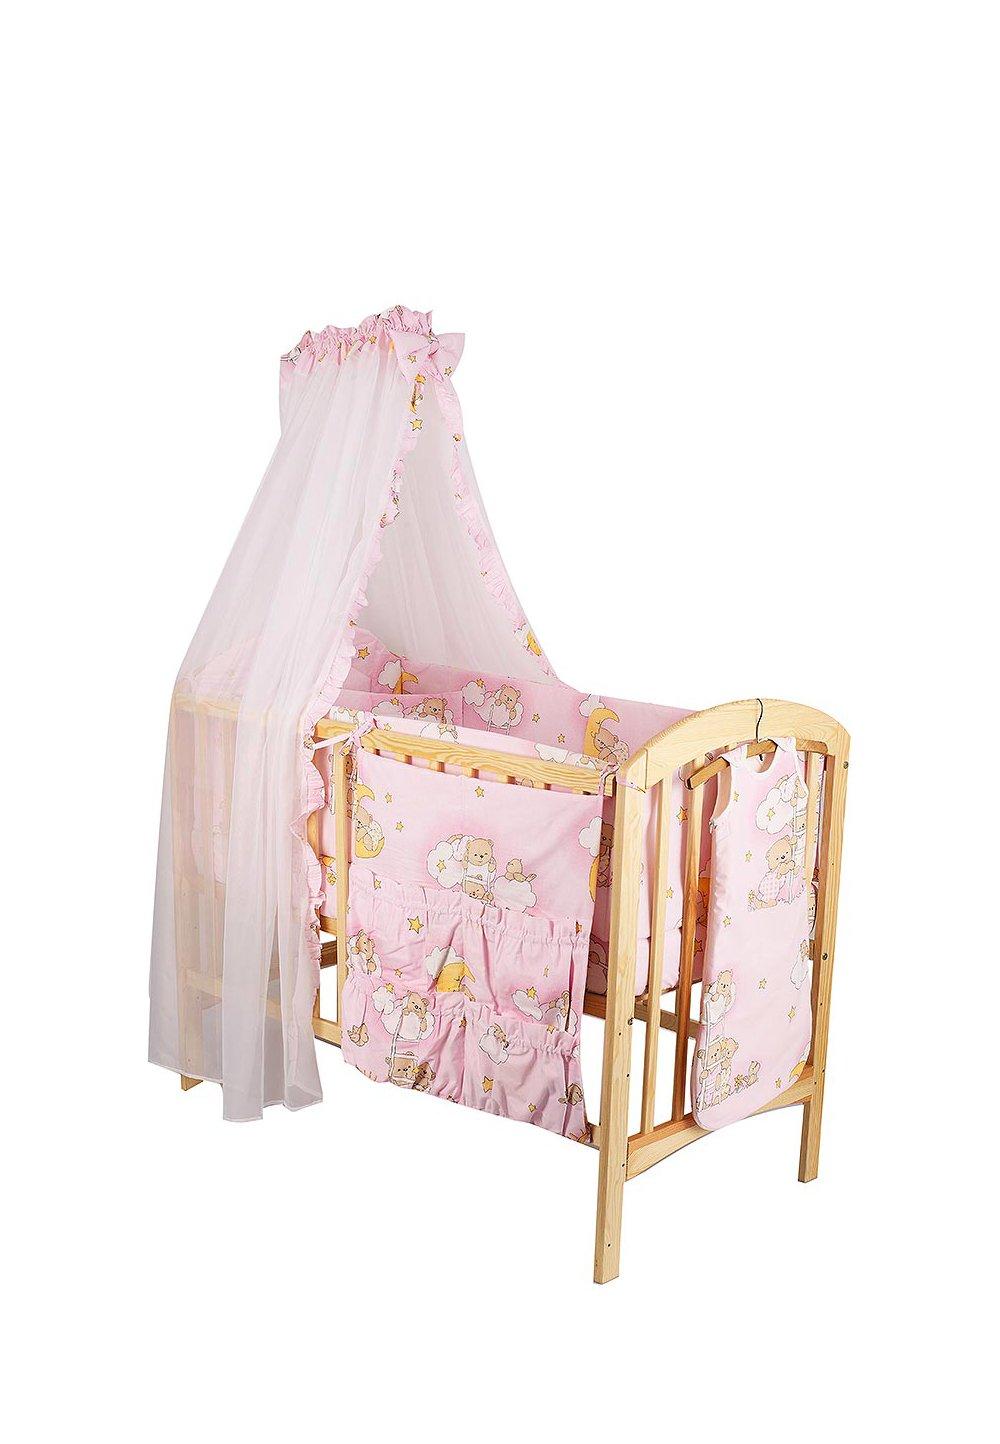 Lenjerie 8 piese, ursuletul somnoros, roz, 120x60 cm imagine